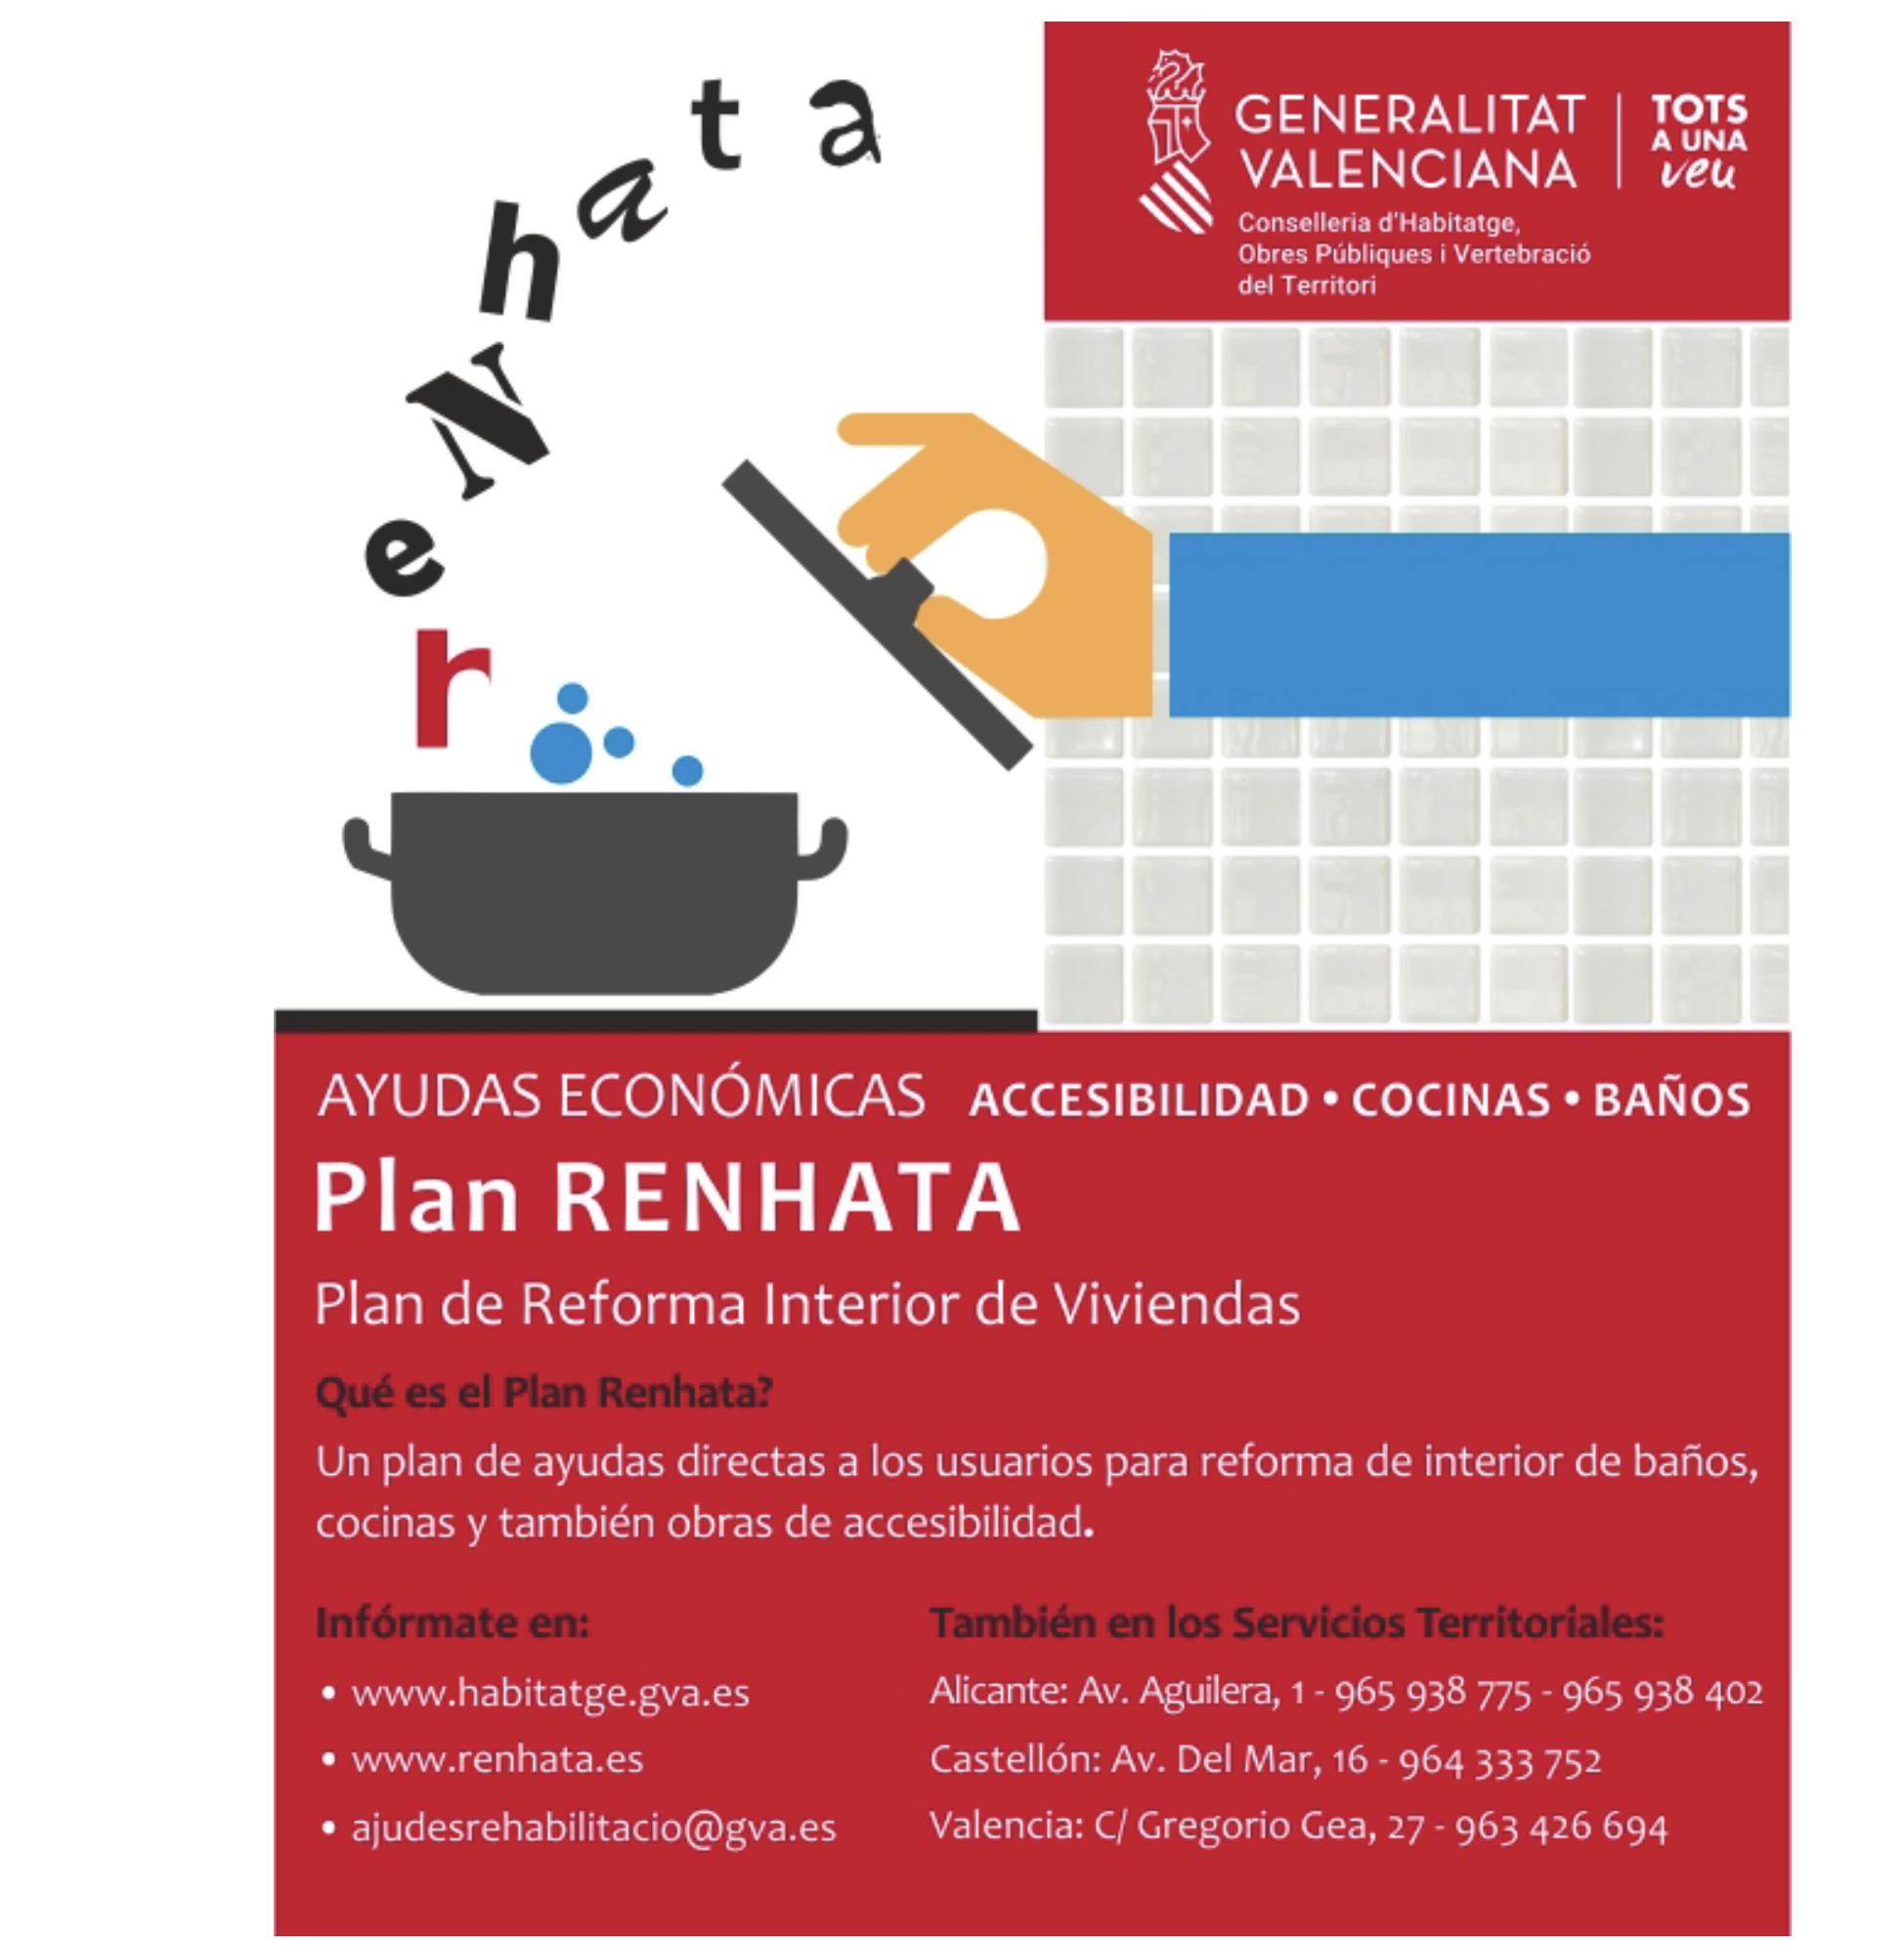 NUEVA CONVOCATORIA PLAN RENHATA DE LA GENERALITAT VALENCIANA